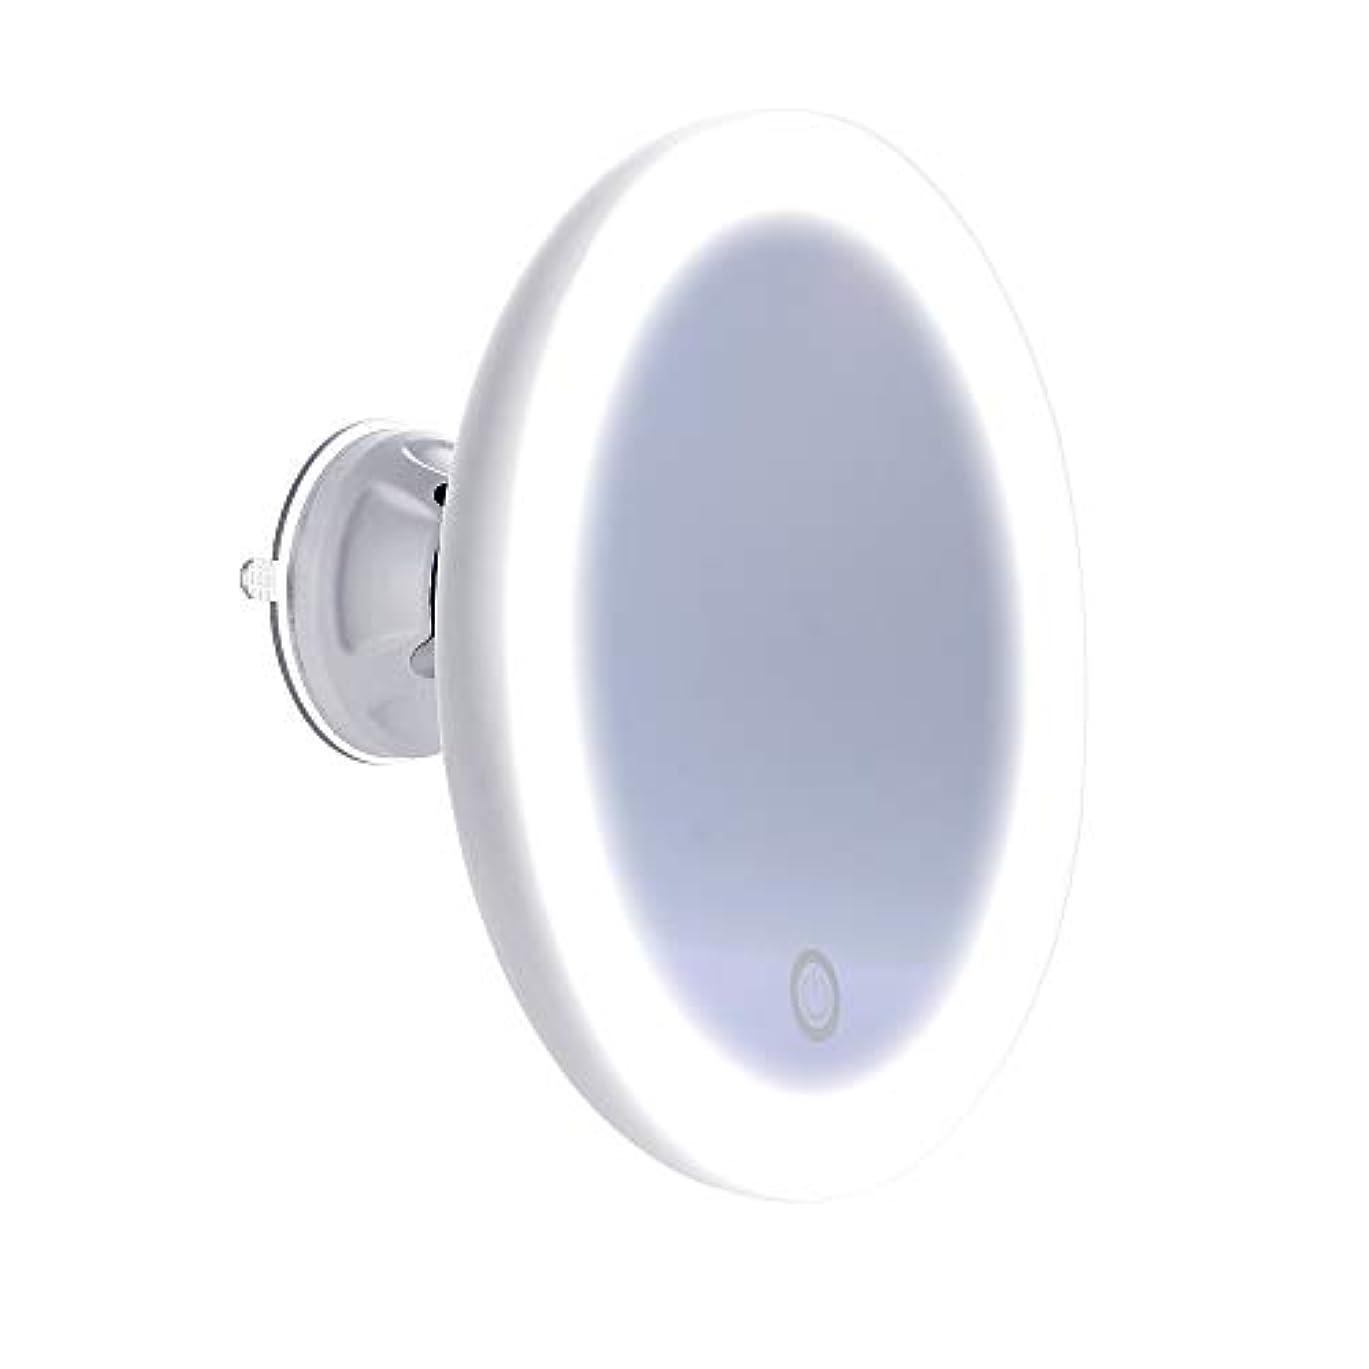 成人期中間紳士化粧鏡 5倍拡大鏡 LED化粧鏡 浴室鏡 卓上鏡 吸盤ロック付き 壁掛けメイクミラー 360度回転スタンドミラー コンパクト 携帯 コードレス 乾電池式 家庭 浴室 旅行